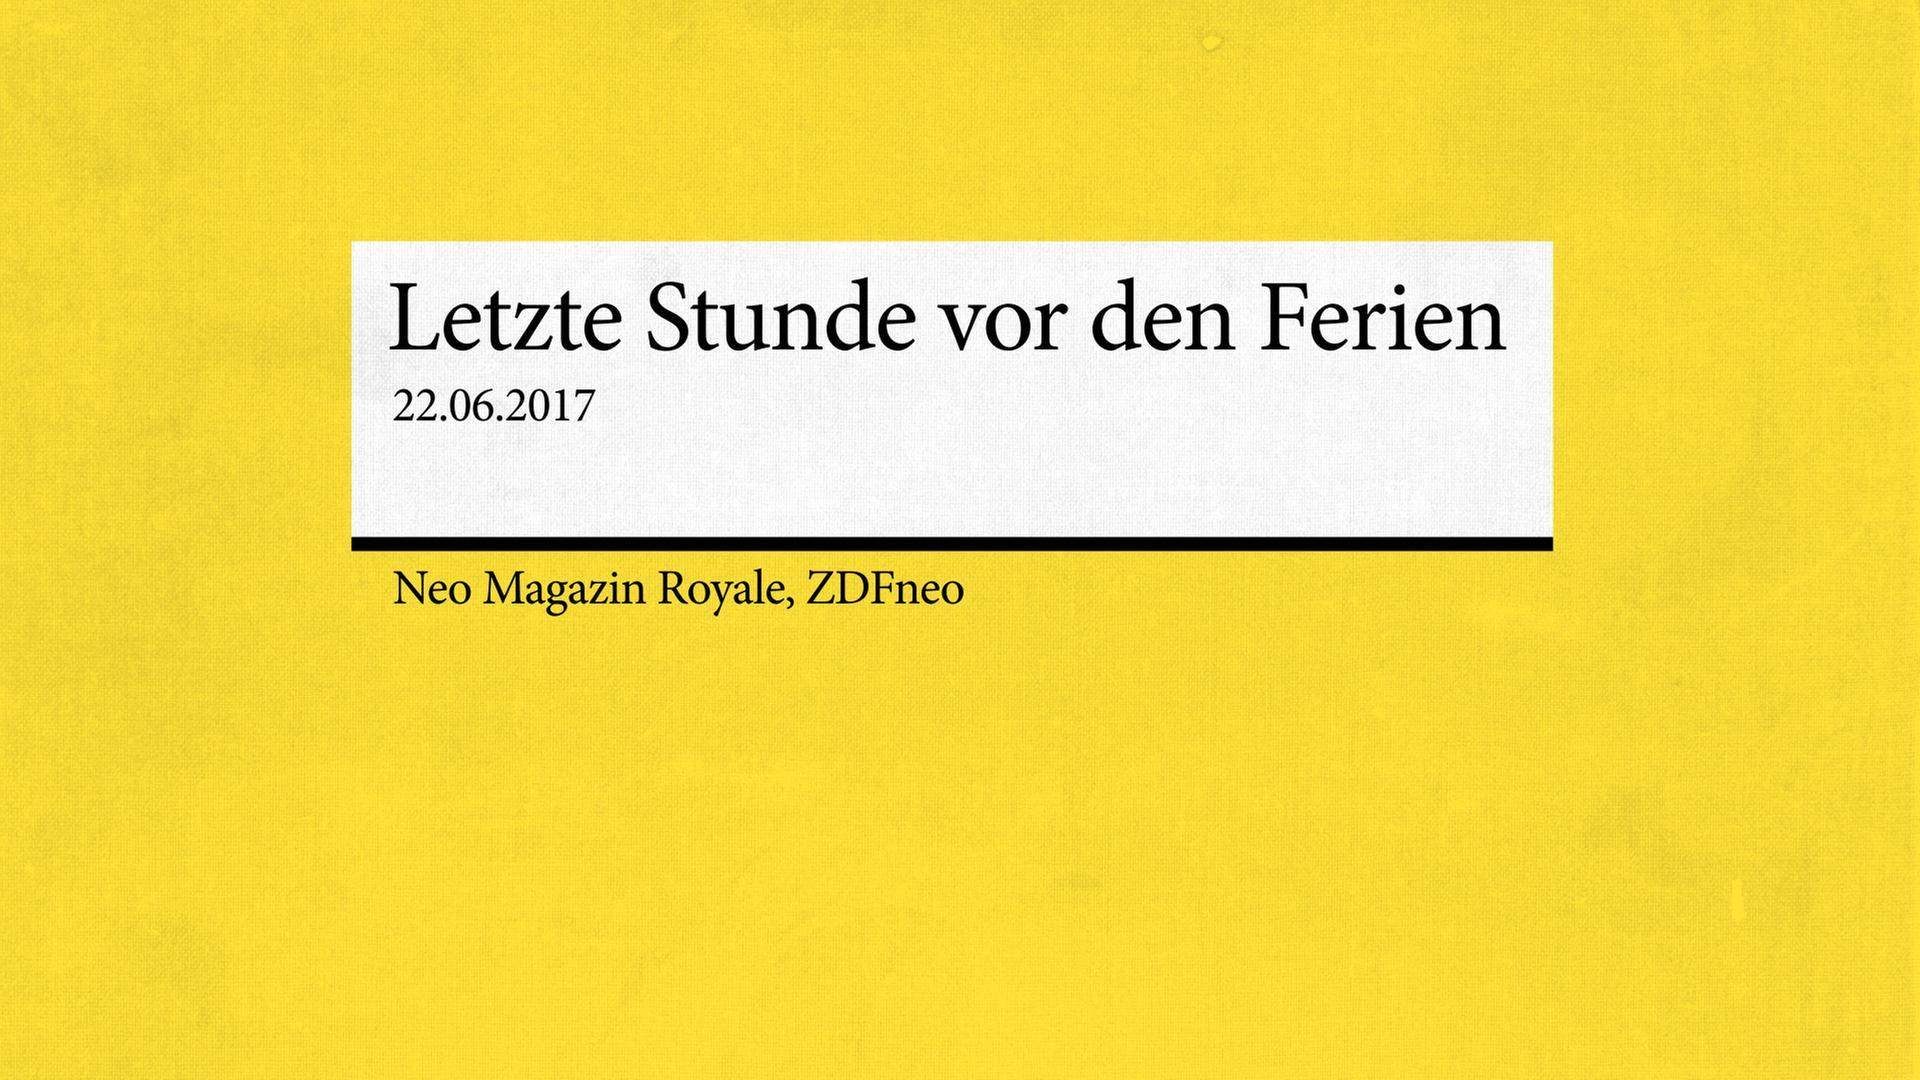 Deutschabi Und Keine Ahnung Neo Magazin Royale Fictionfolge